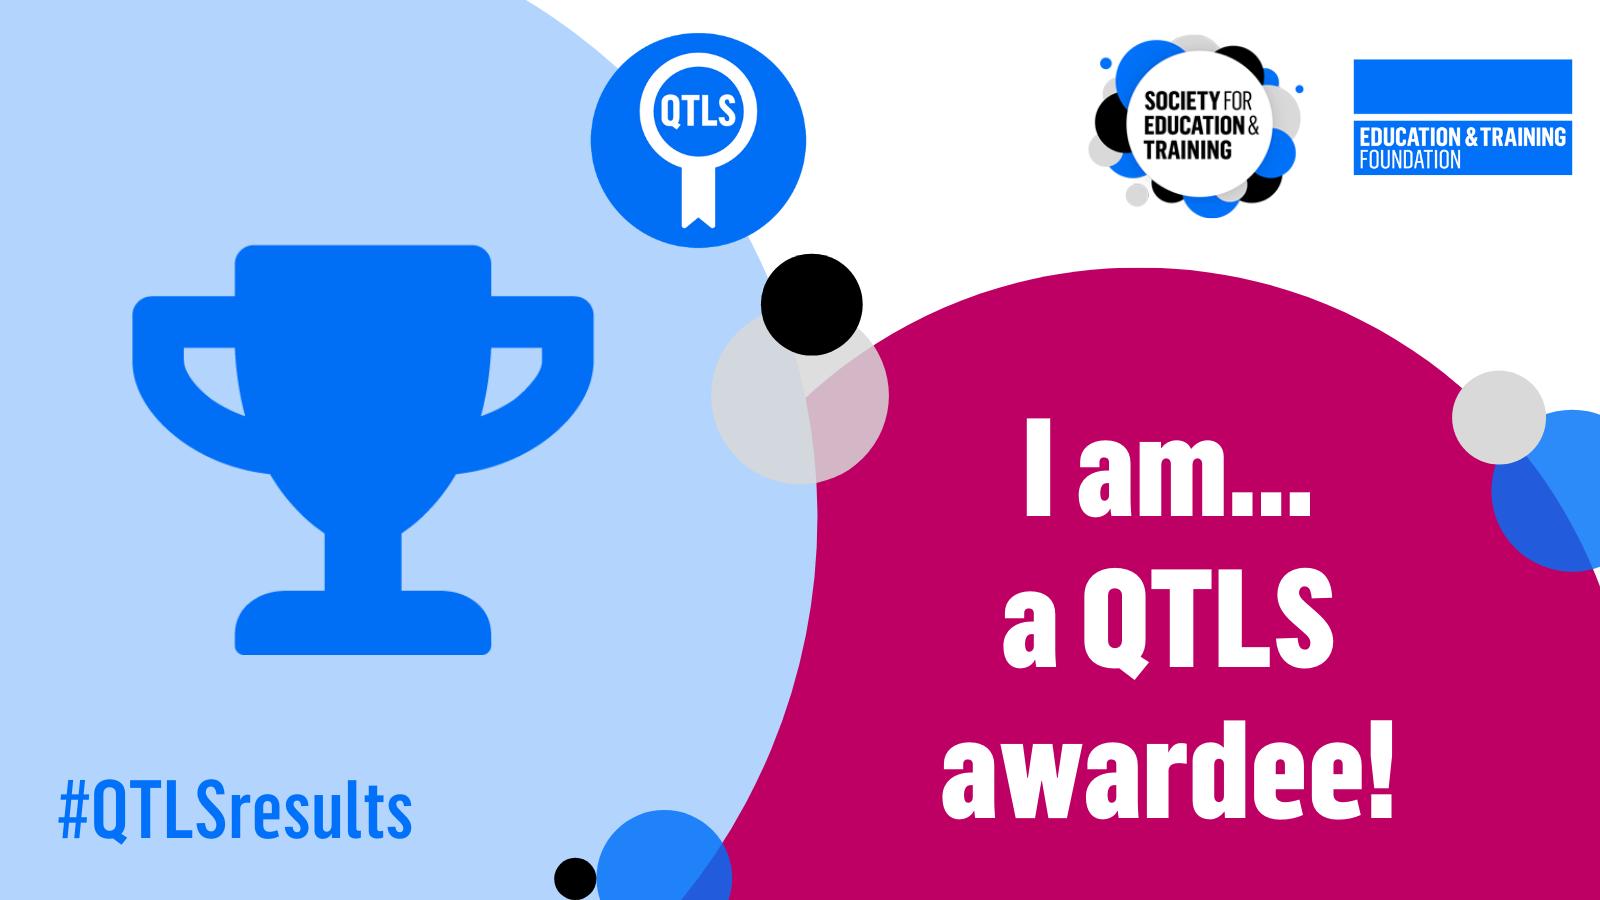 QTLS awardee Twitter graphic